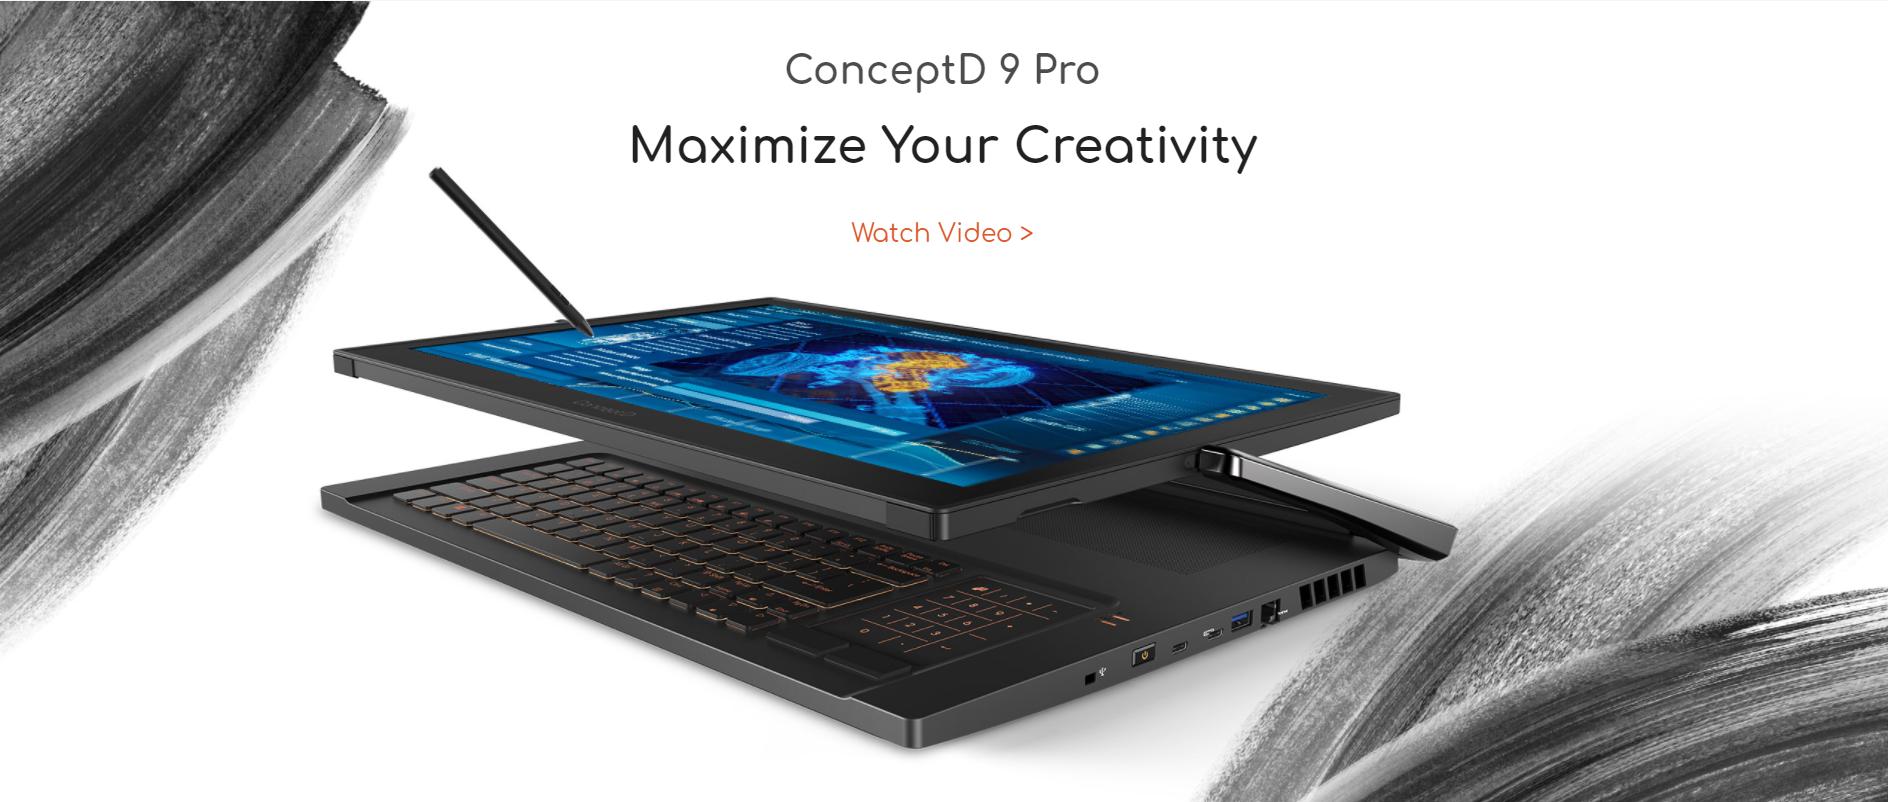 conceptd 9 pro